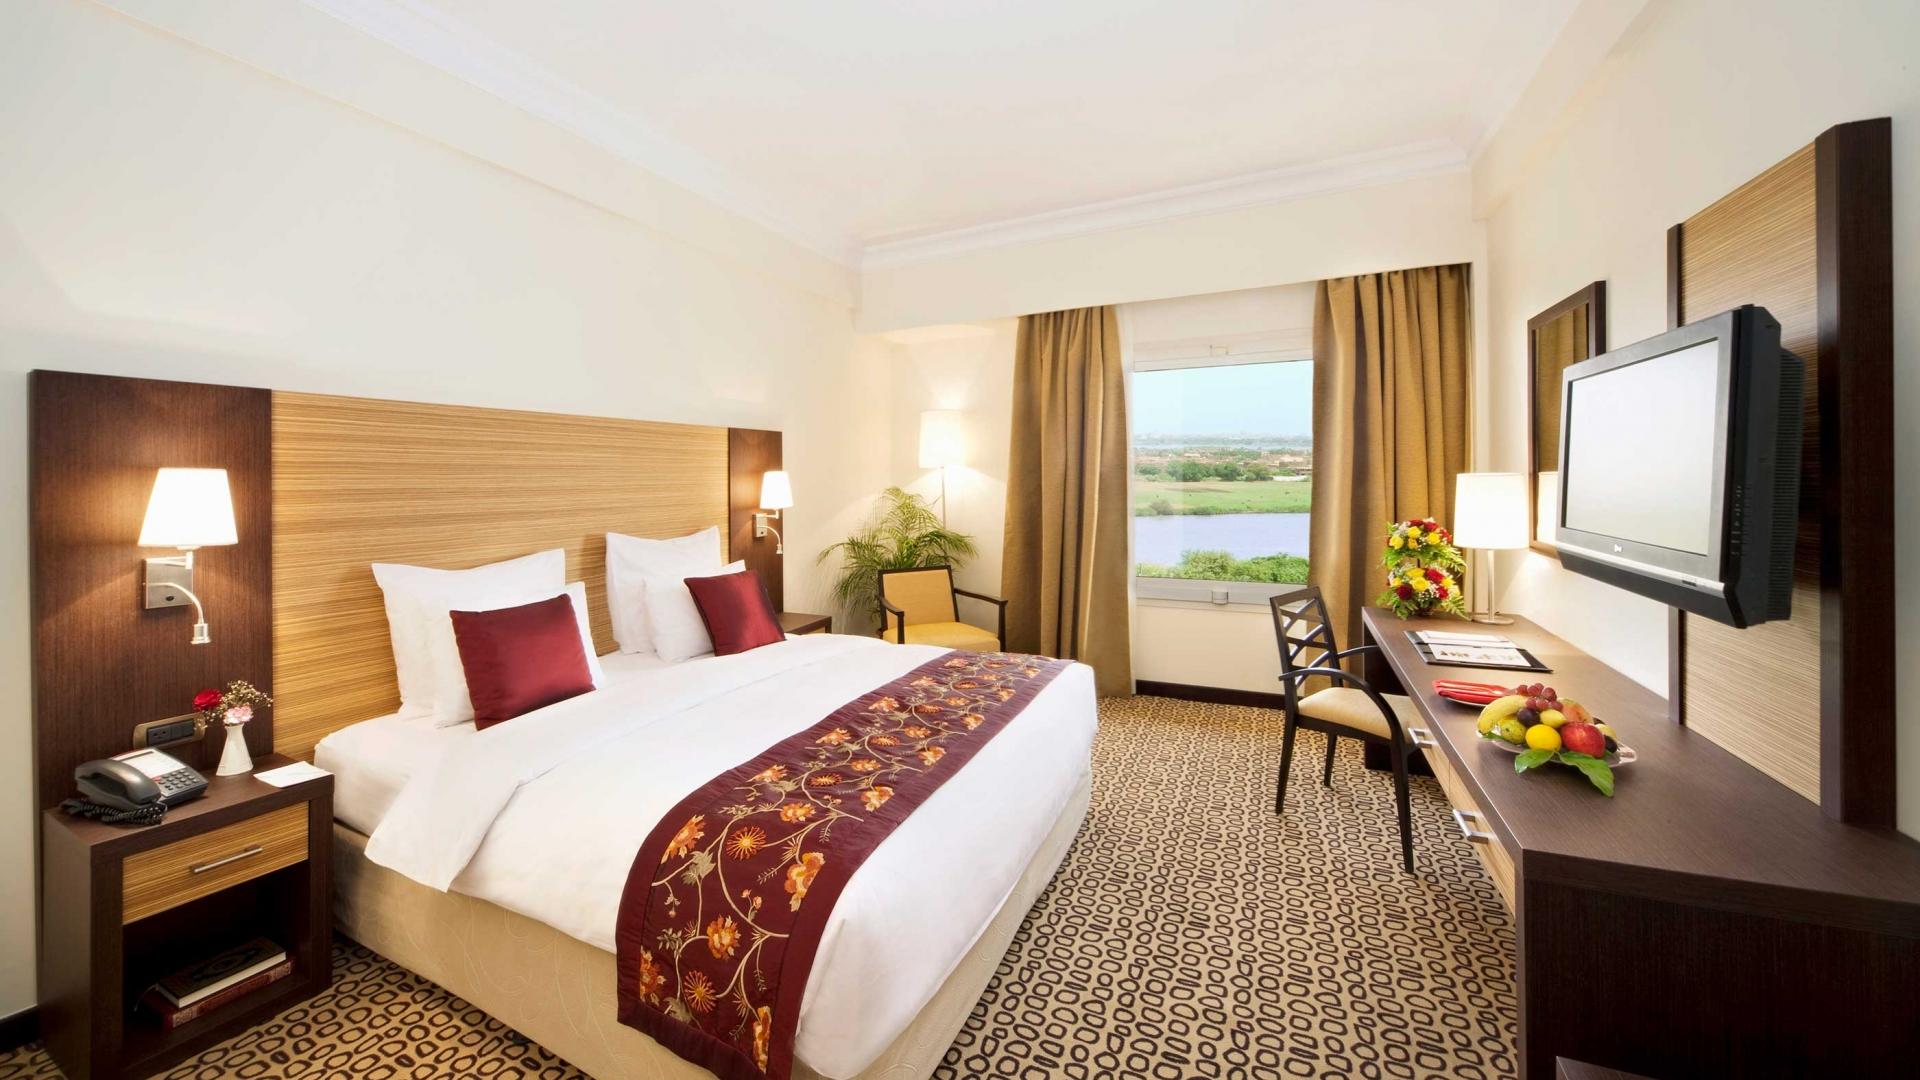 Coral Khartoum Bedroom